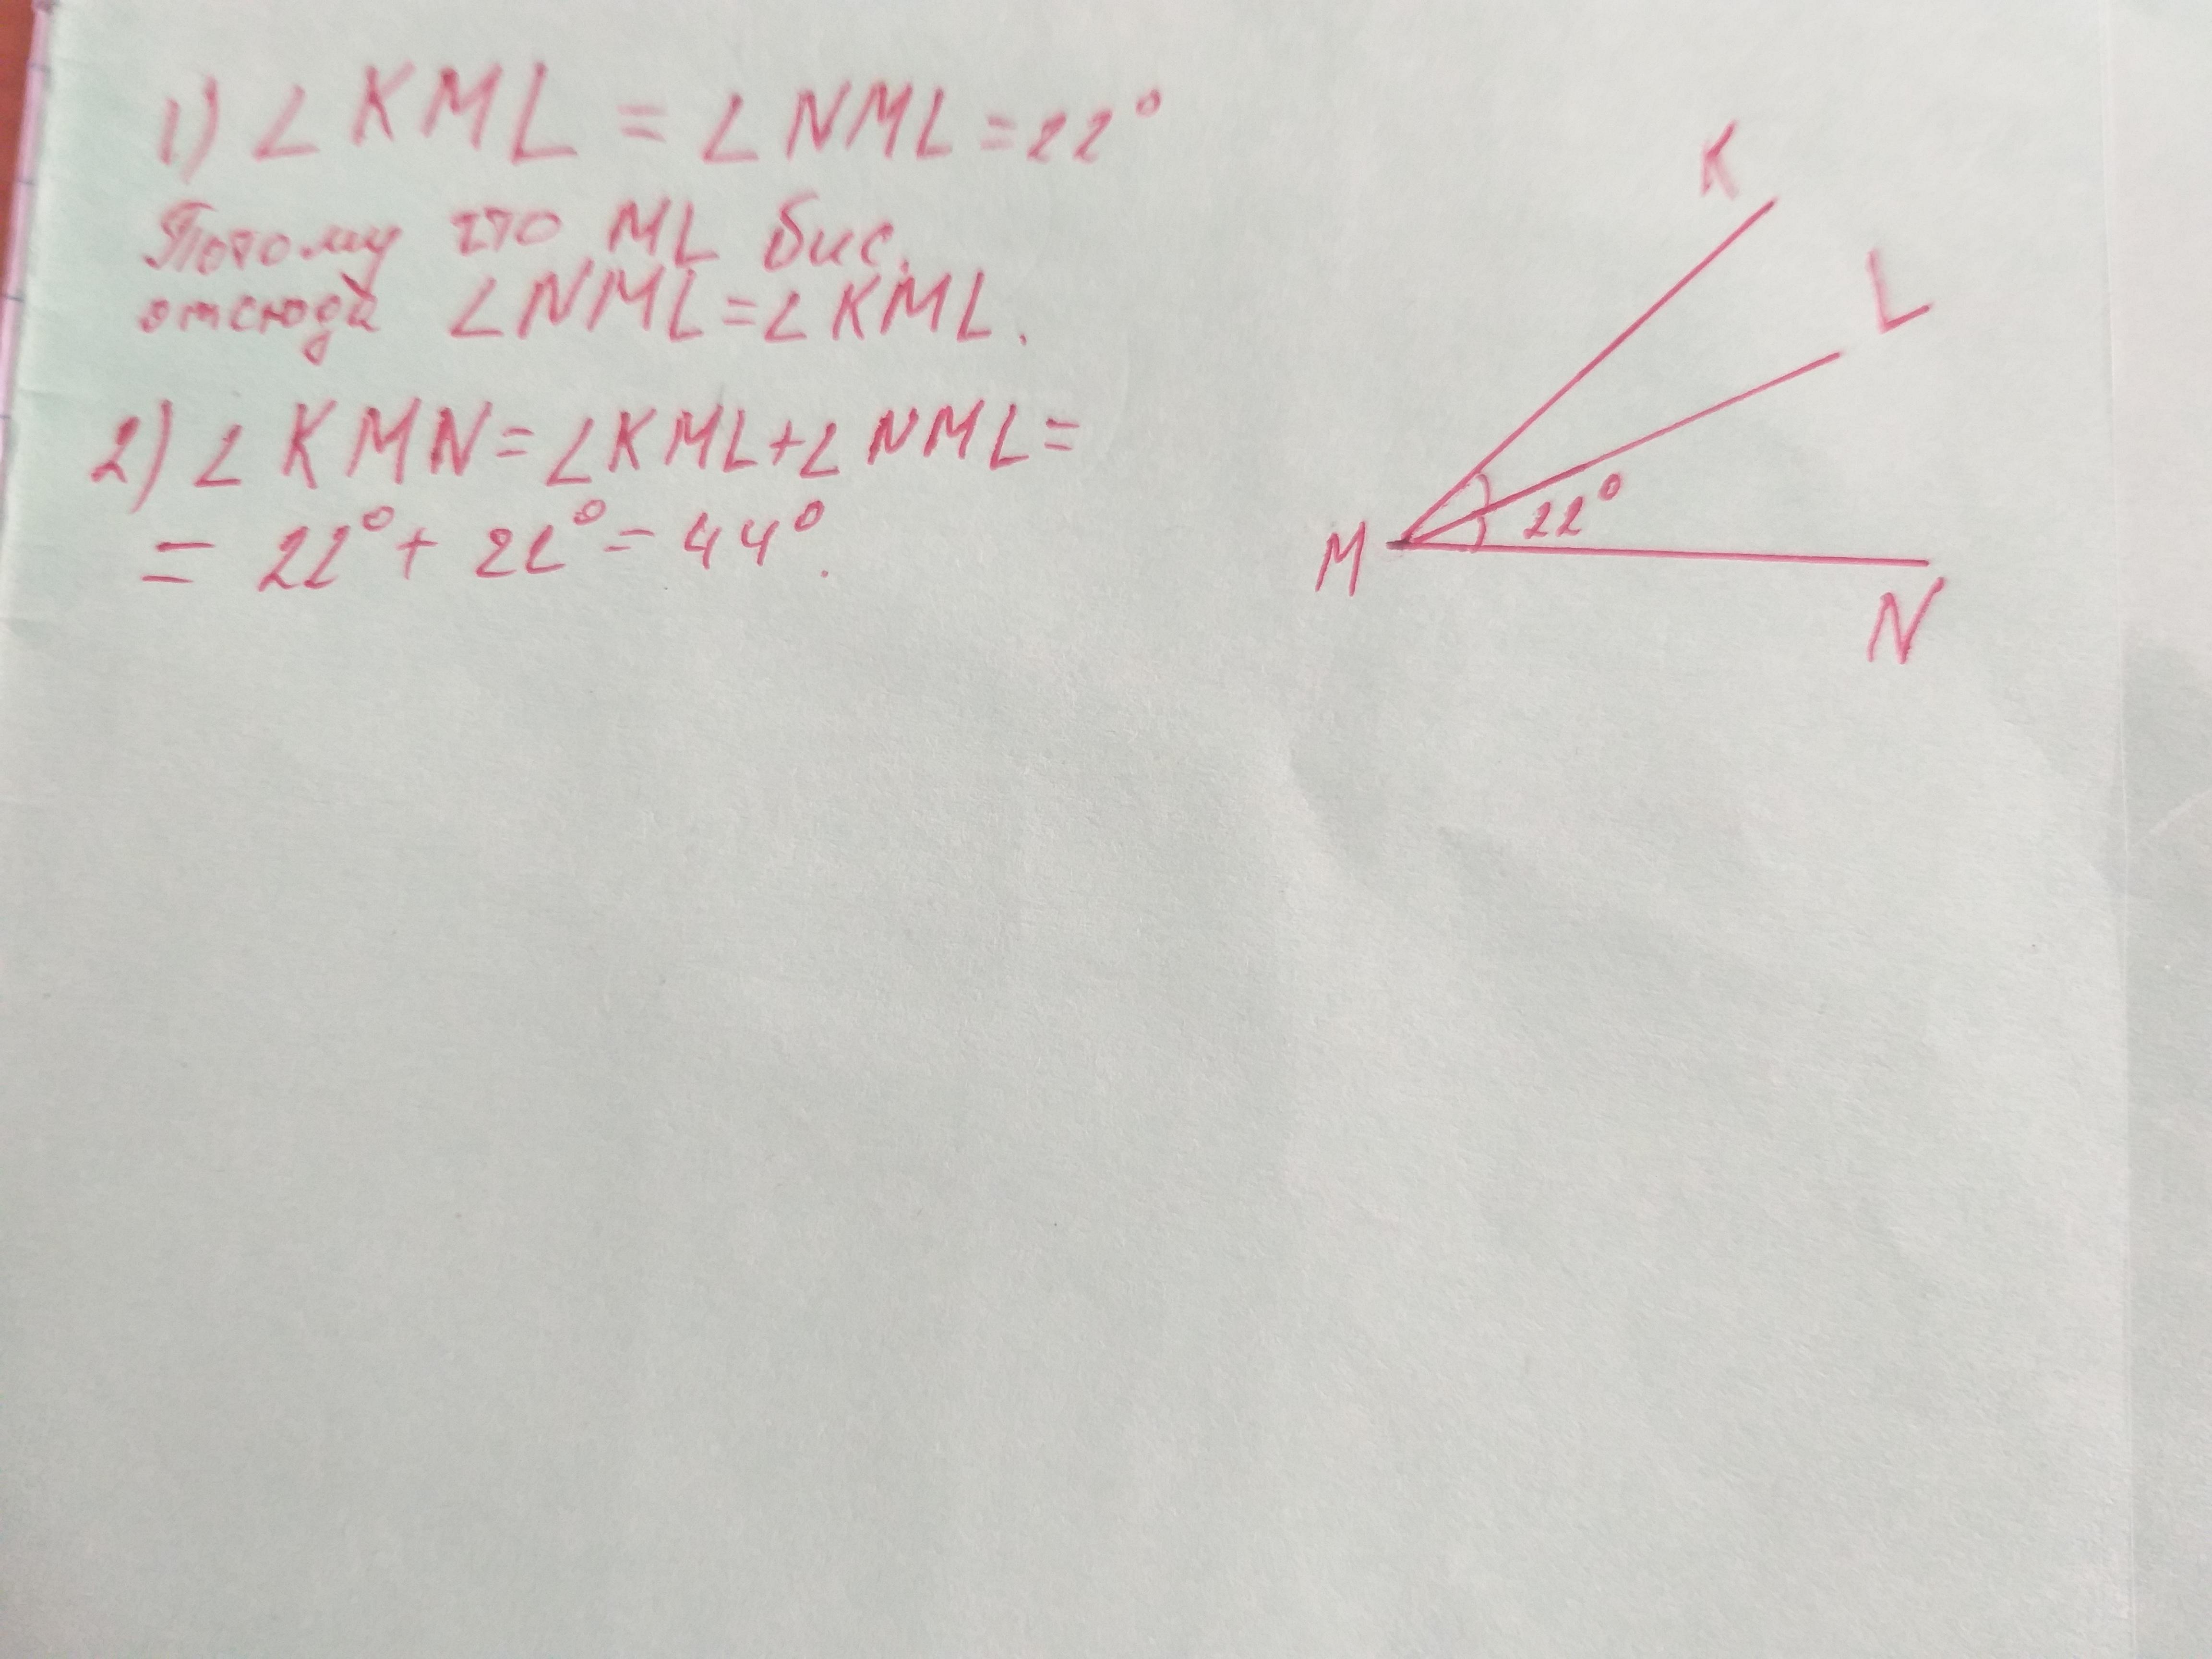 Луч ML является биссектрисой угла ∡KMN.Известно,